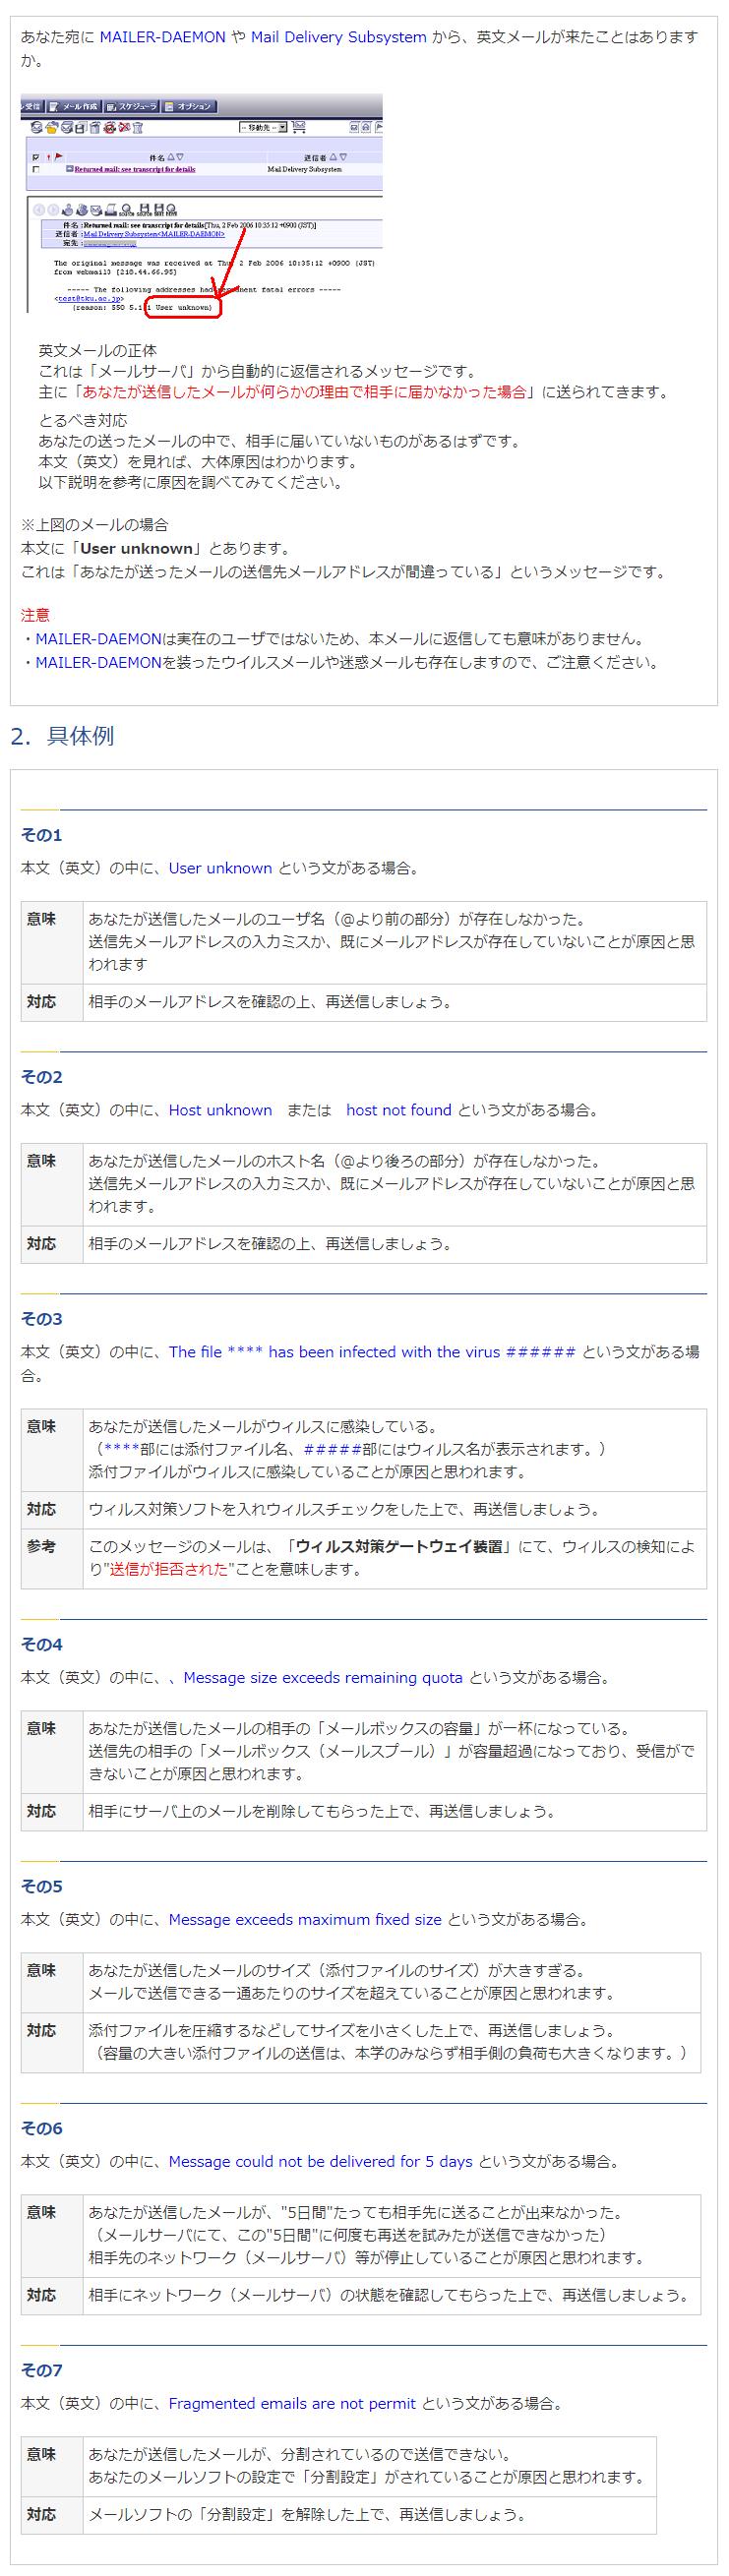 イフ徳島へのお問い合わせ時のメールに関するご注意参考資料